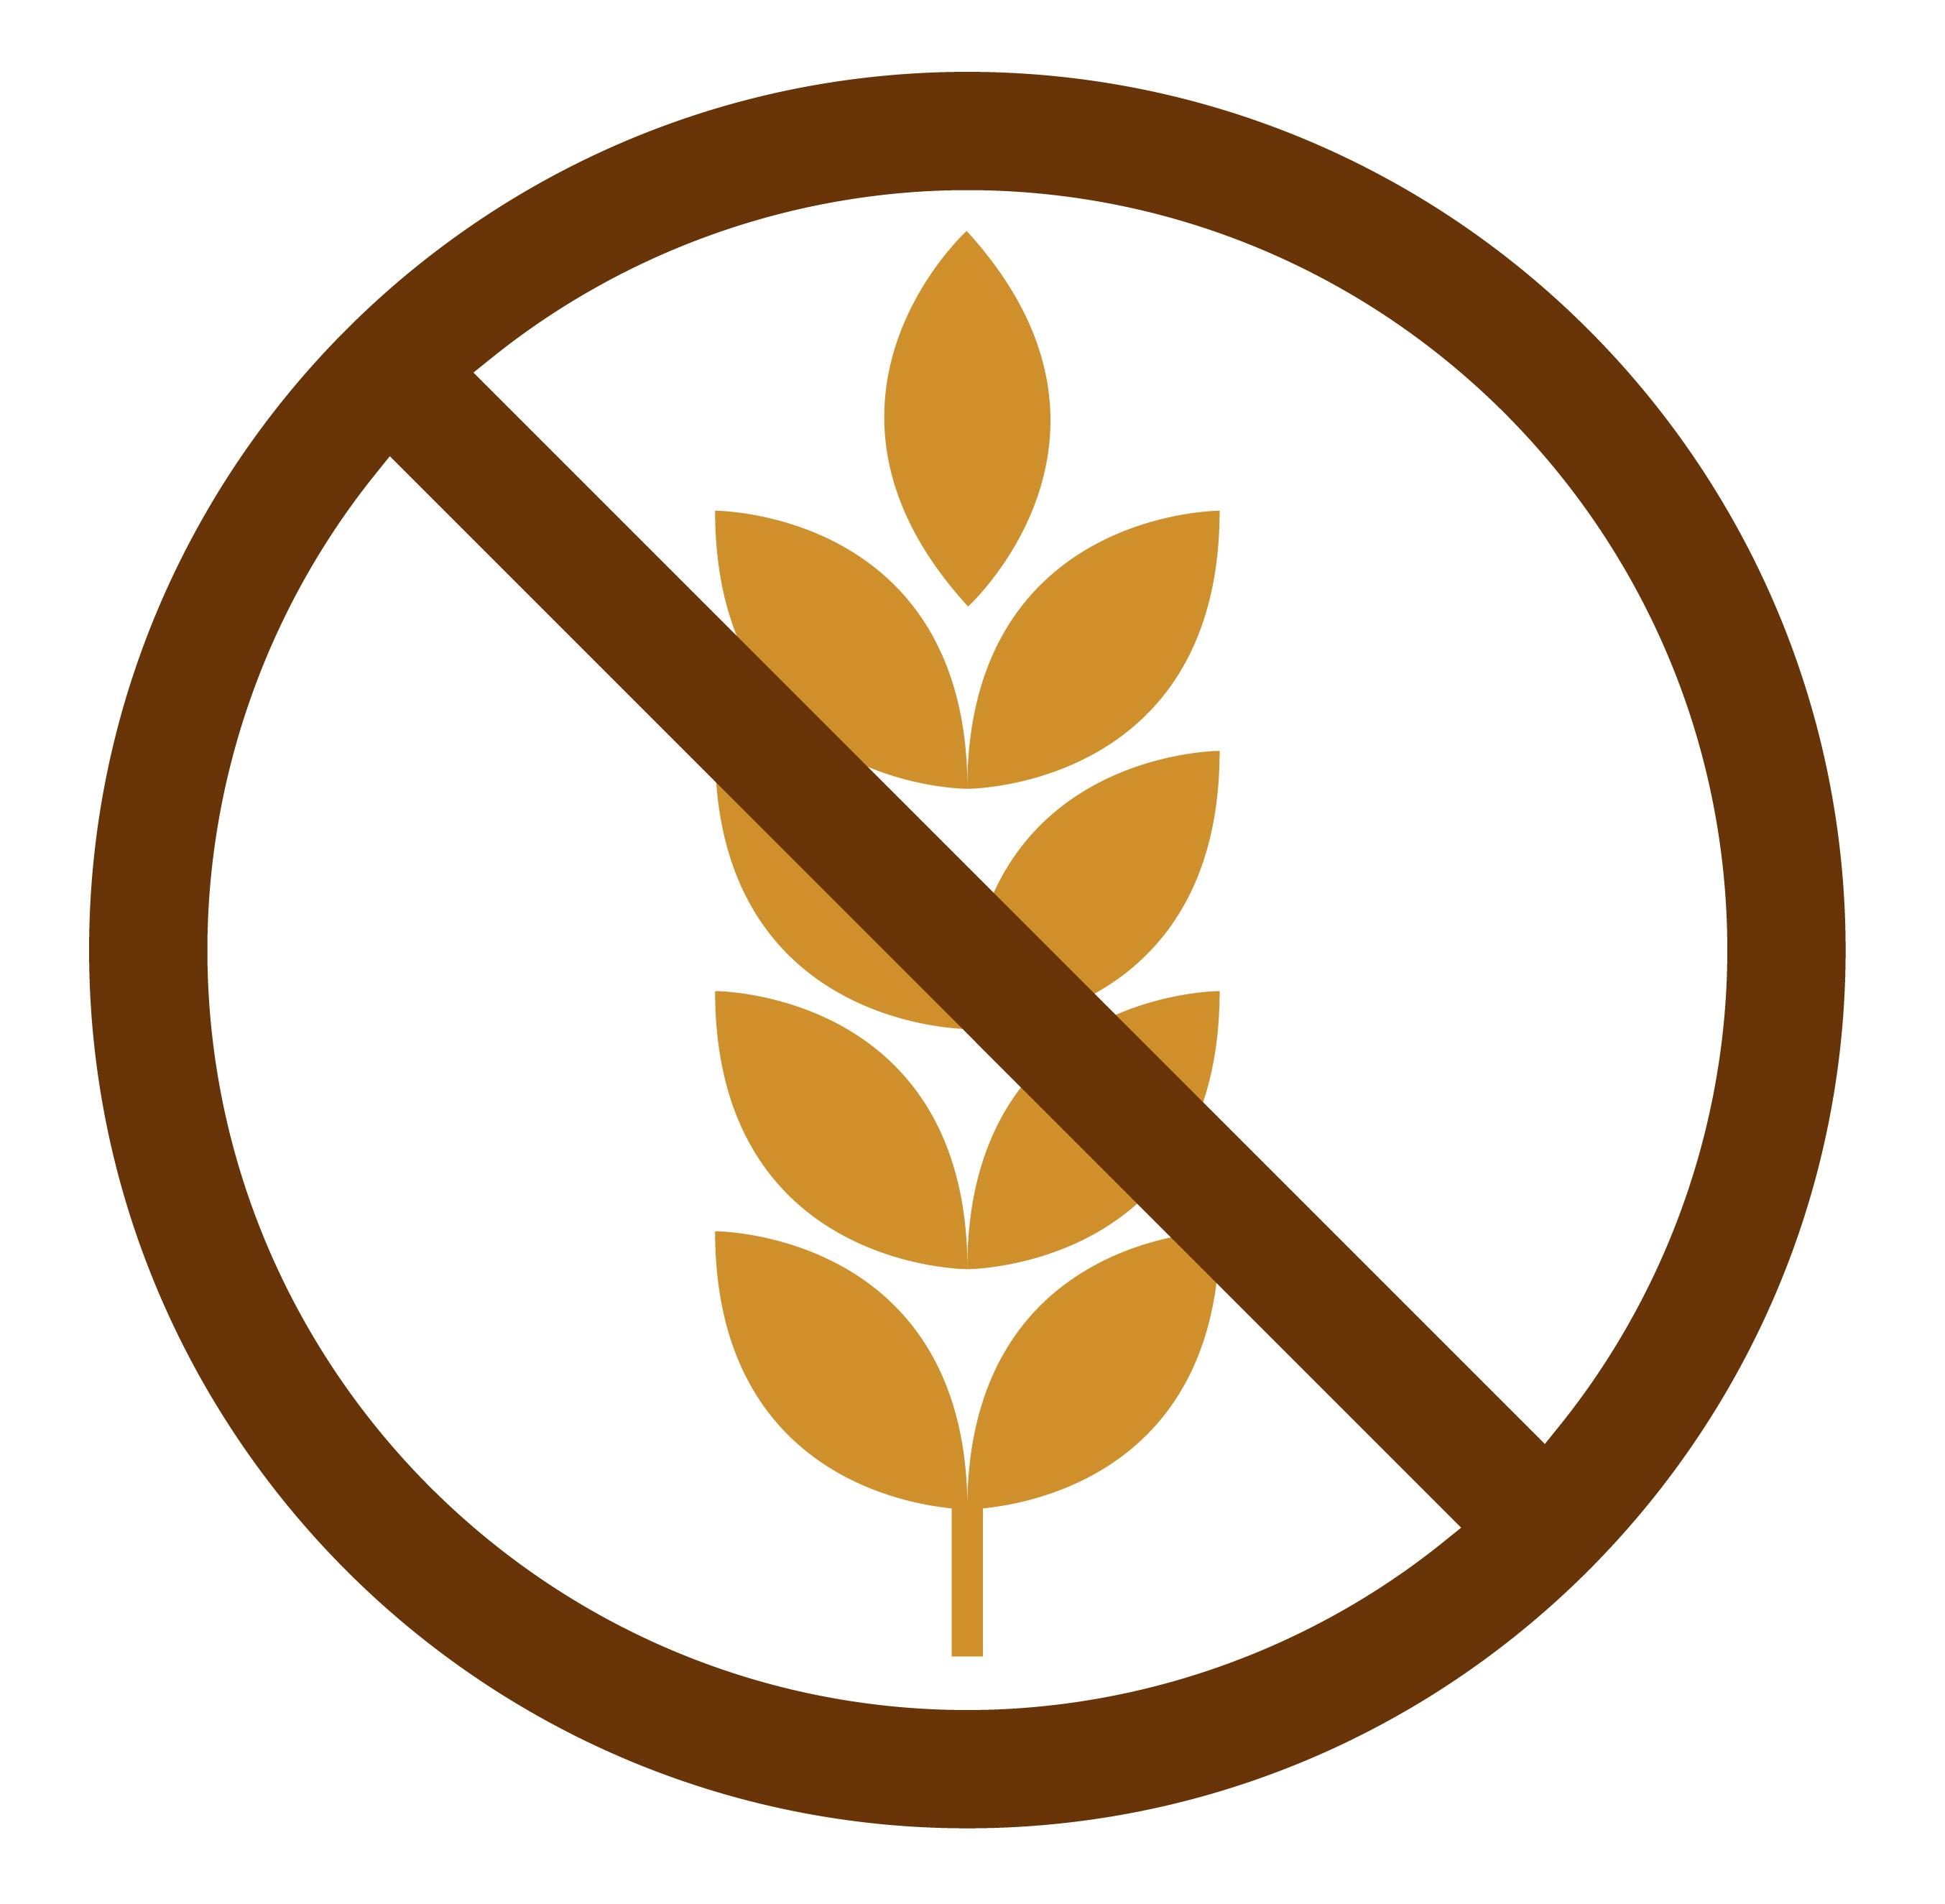 Znak, ki opozarja, da v določenem živilu ni glutena